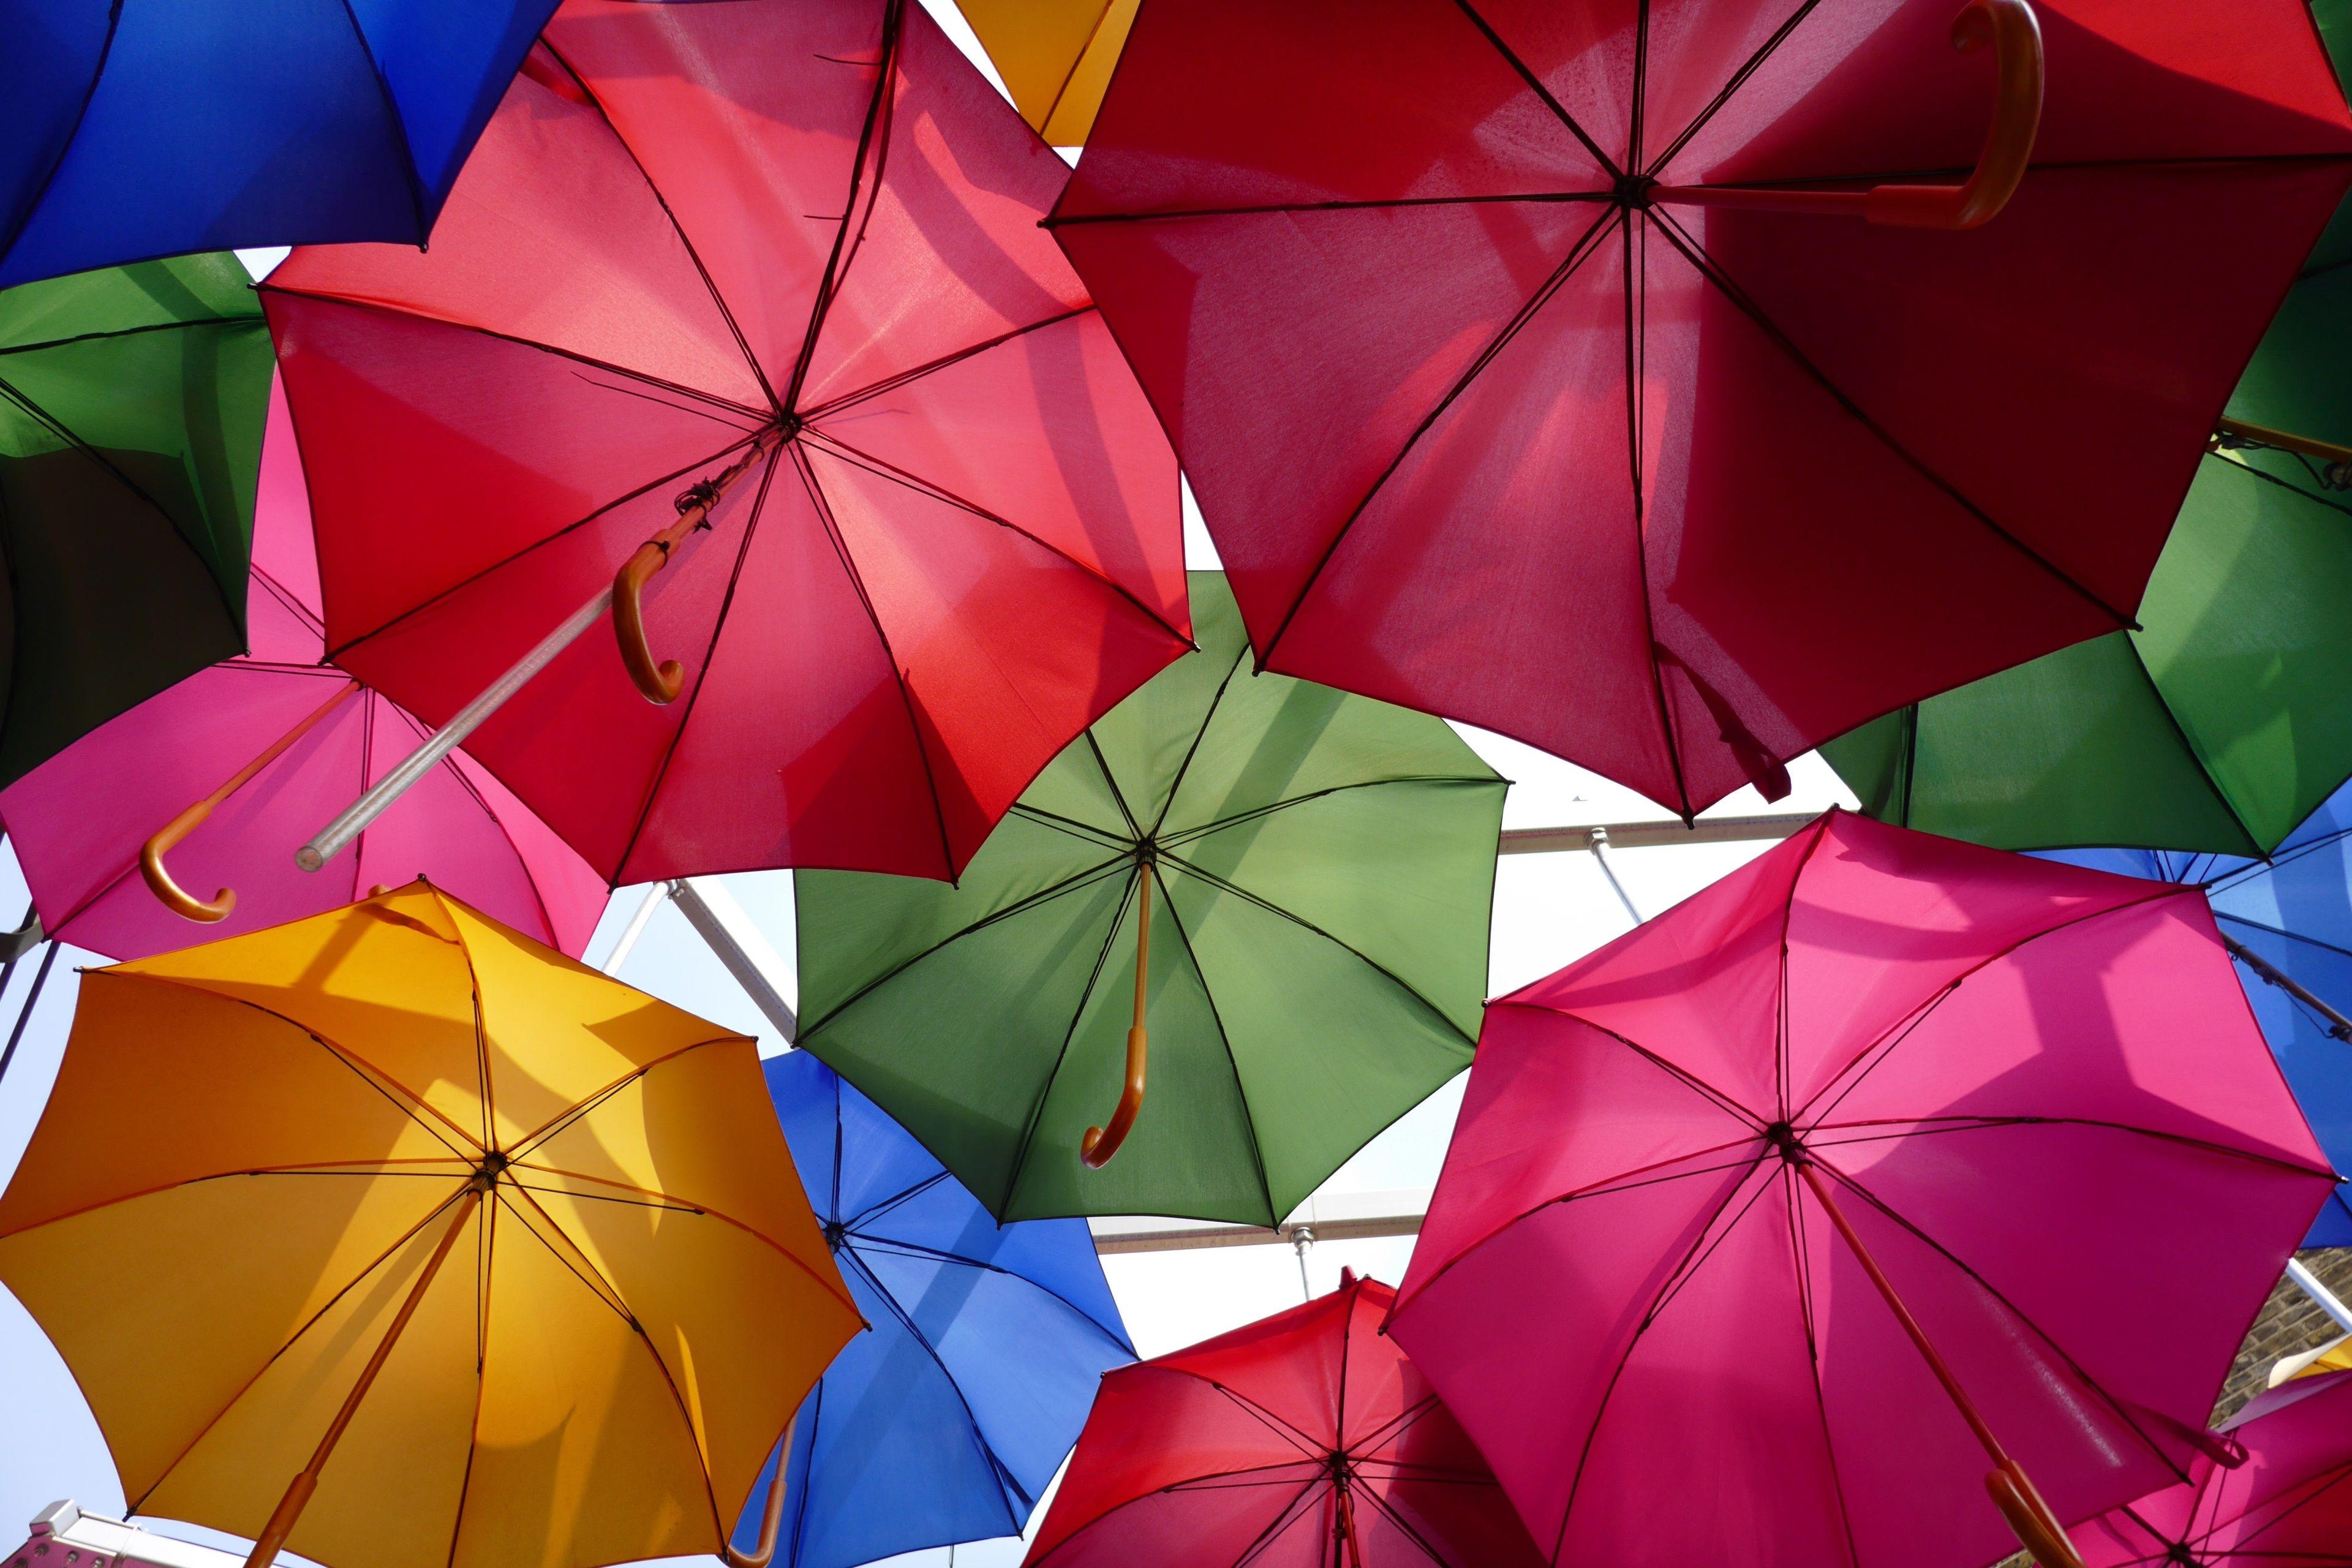 3840x2560 Umbrellas 4k Ultra Hi Res Wallpaper 10 Picture Wallpaper Black Backgrounds